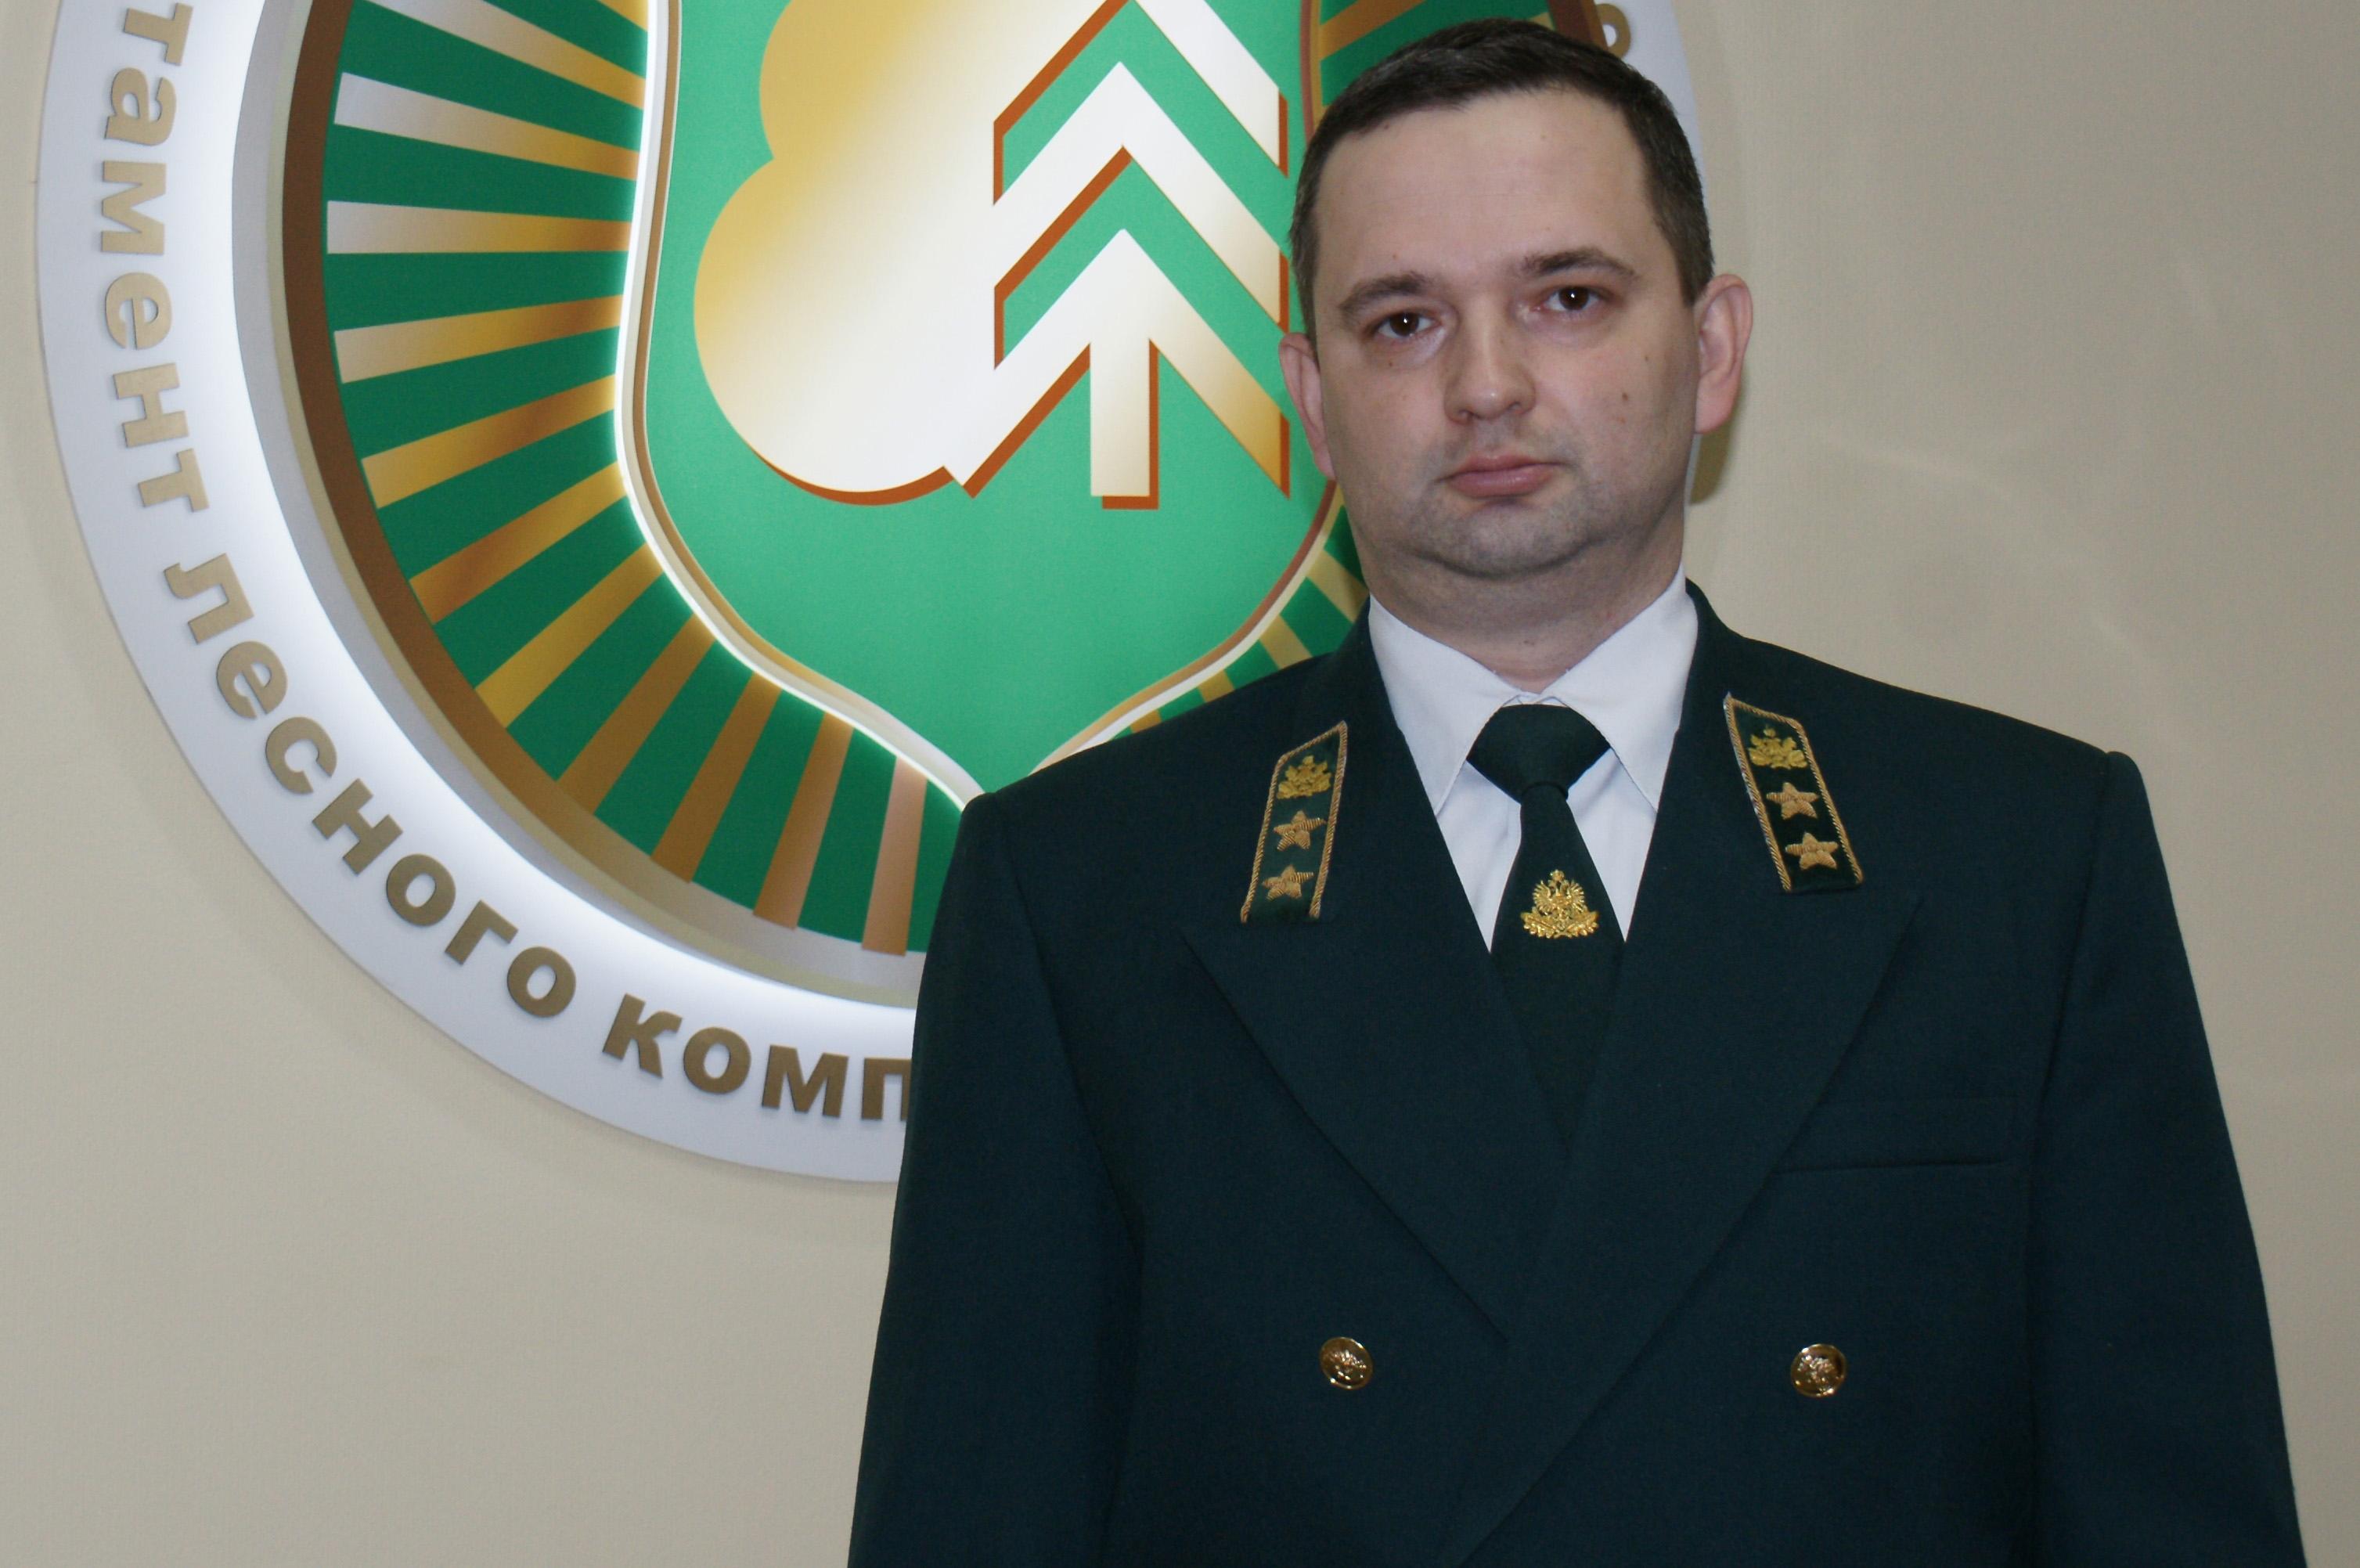 Начальником департамента лесного хозяйства Вологодской области стал Роман Марков